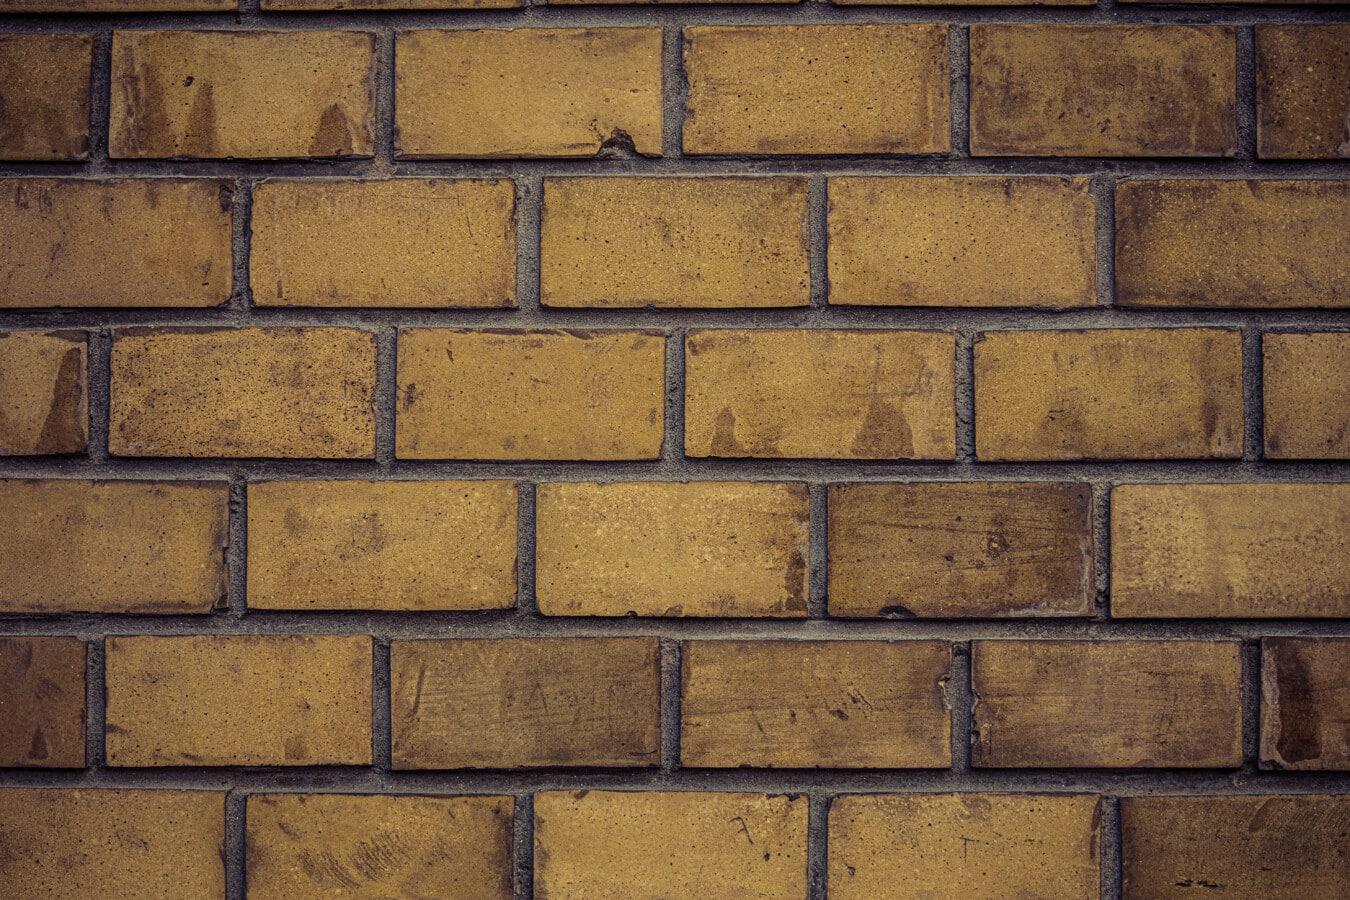 brun clair, solide, maçonnerie, briques, mortier, ciment, façade, texture, Grunge, béton